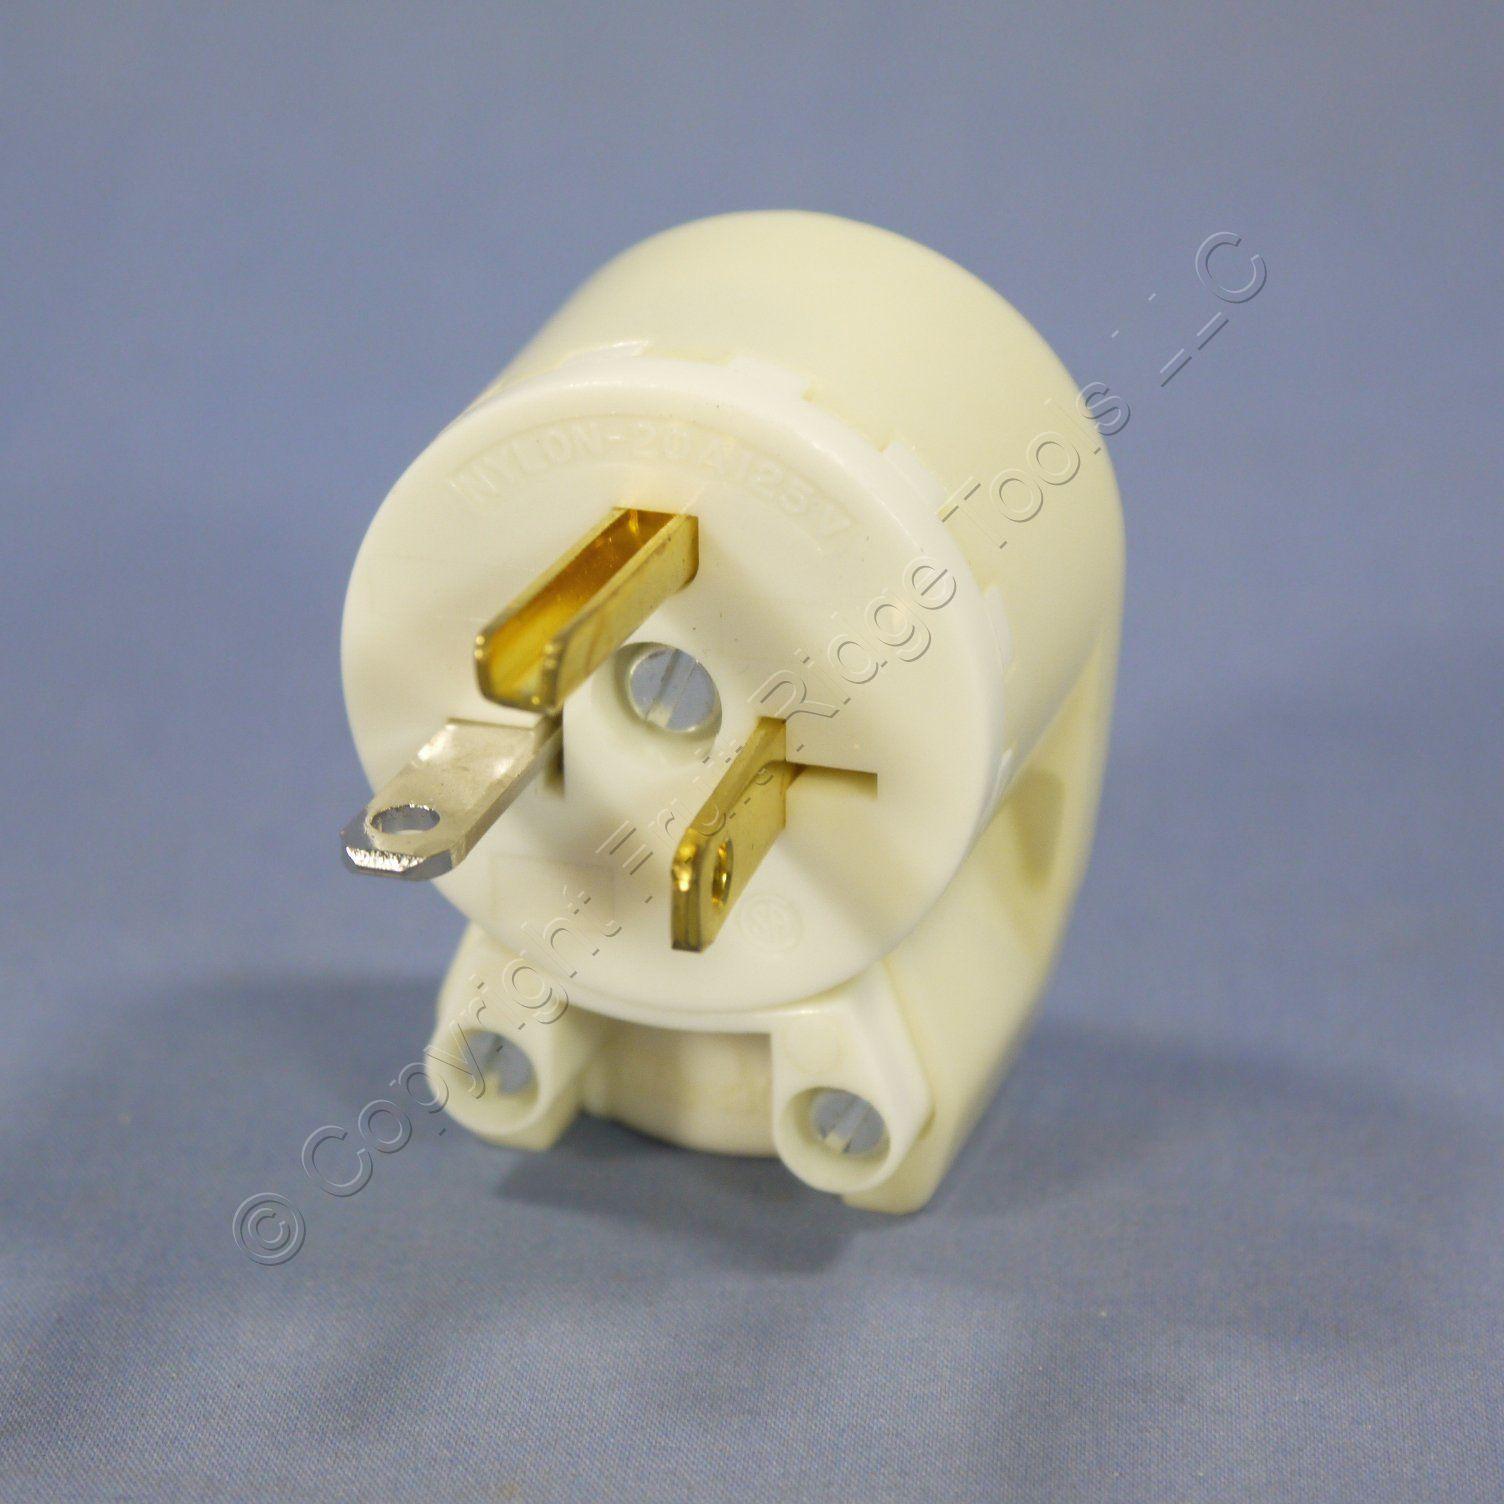 Bryant White INDUSTRIAL Straight Blade ANGLED Plug NEMA 5-20P 5-20 20A 125V 5395